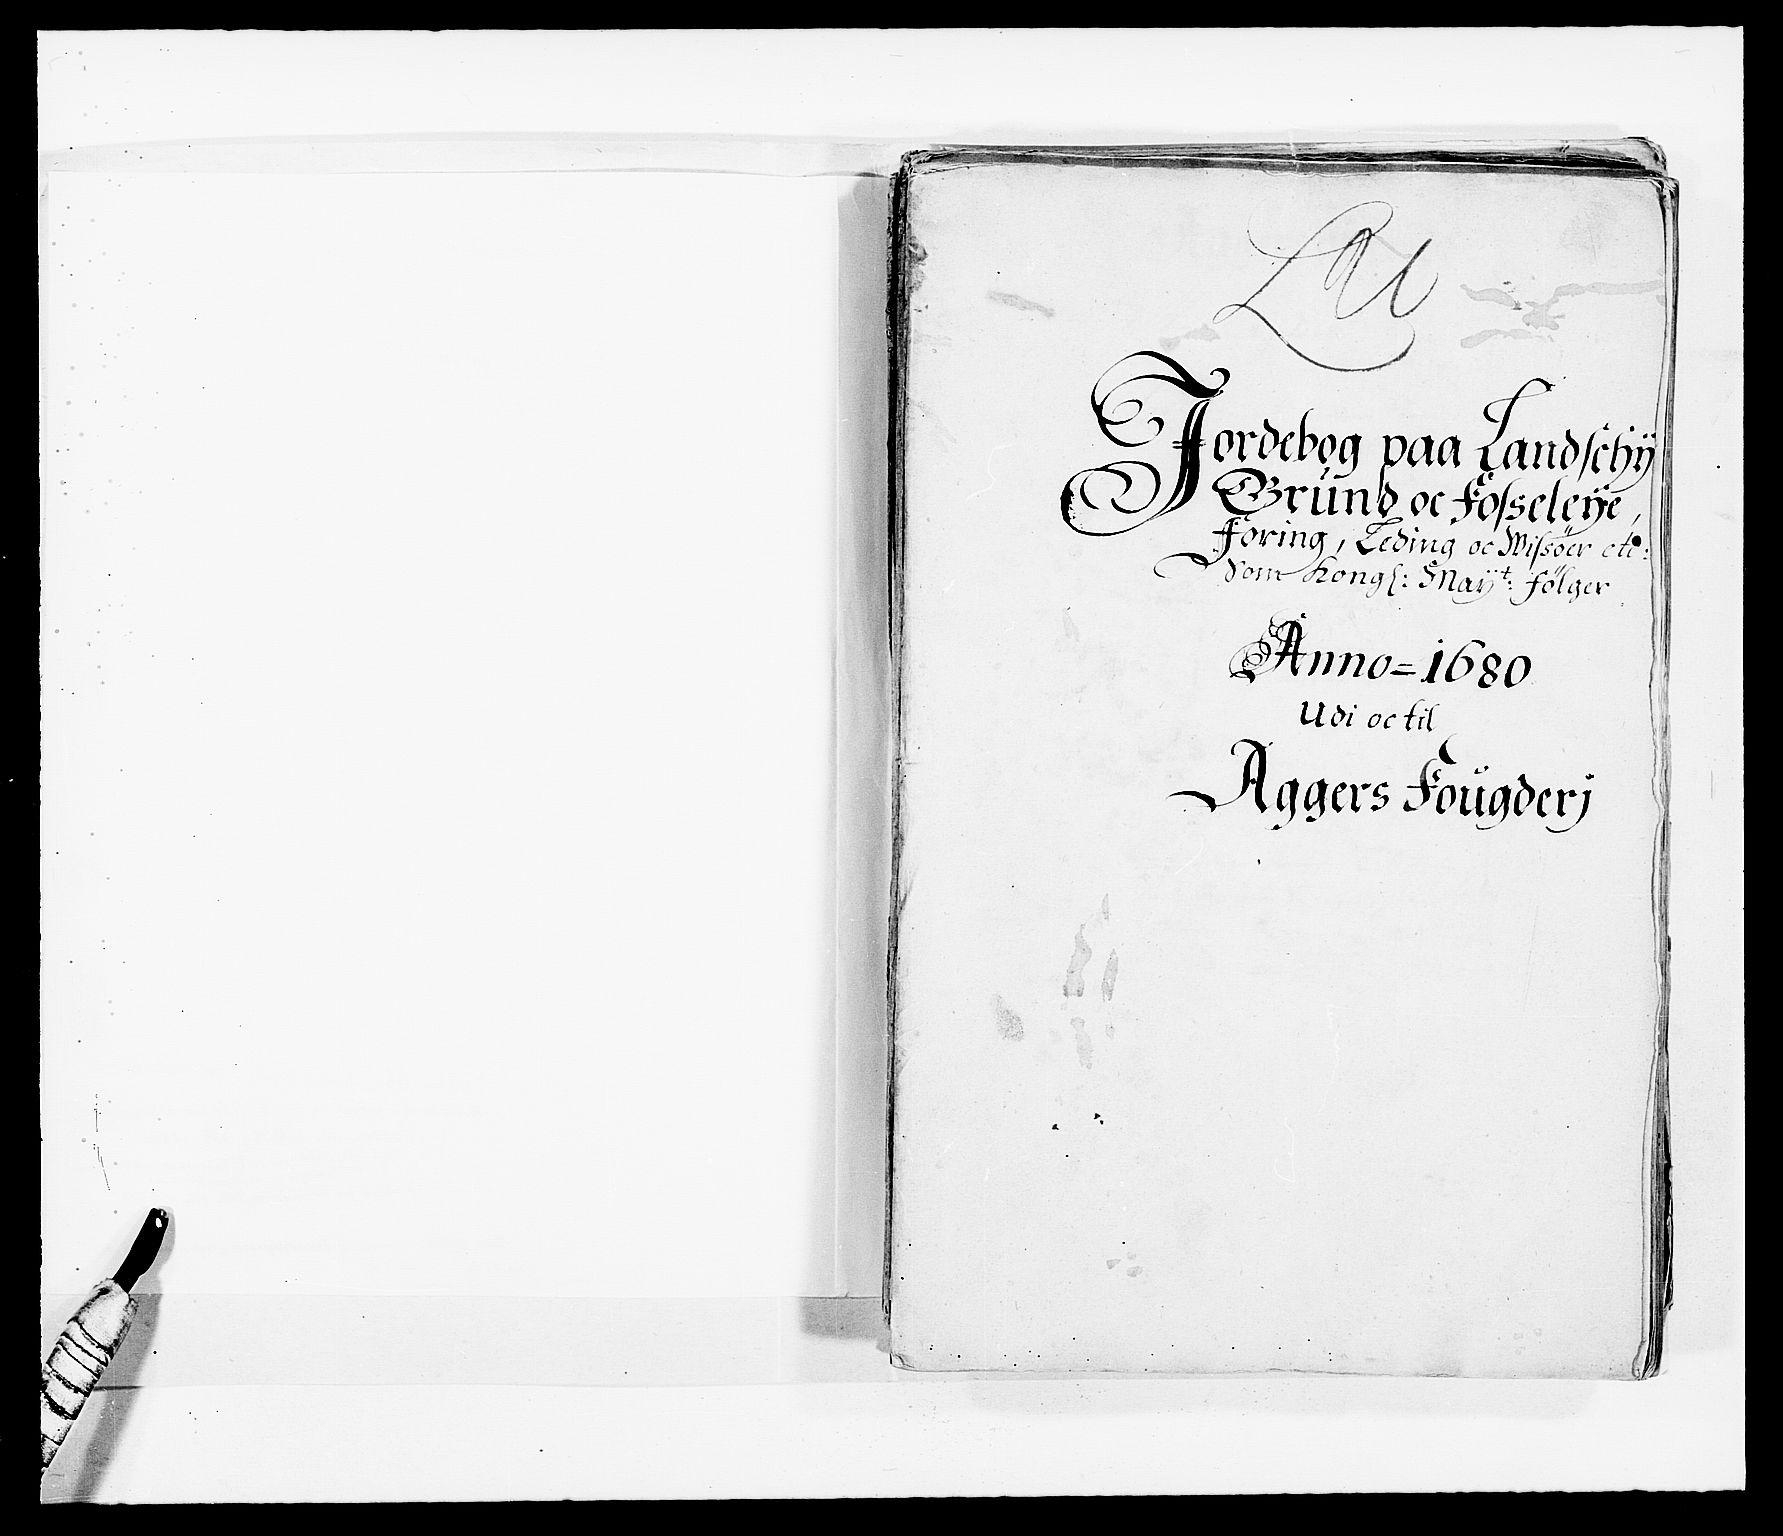 RA, Rentekammeret inntil 1814, Reviderte regnskaper, Fogderegnskap, R08/L0417: Fogderegnskap Aker, 1678-1681, s. 3